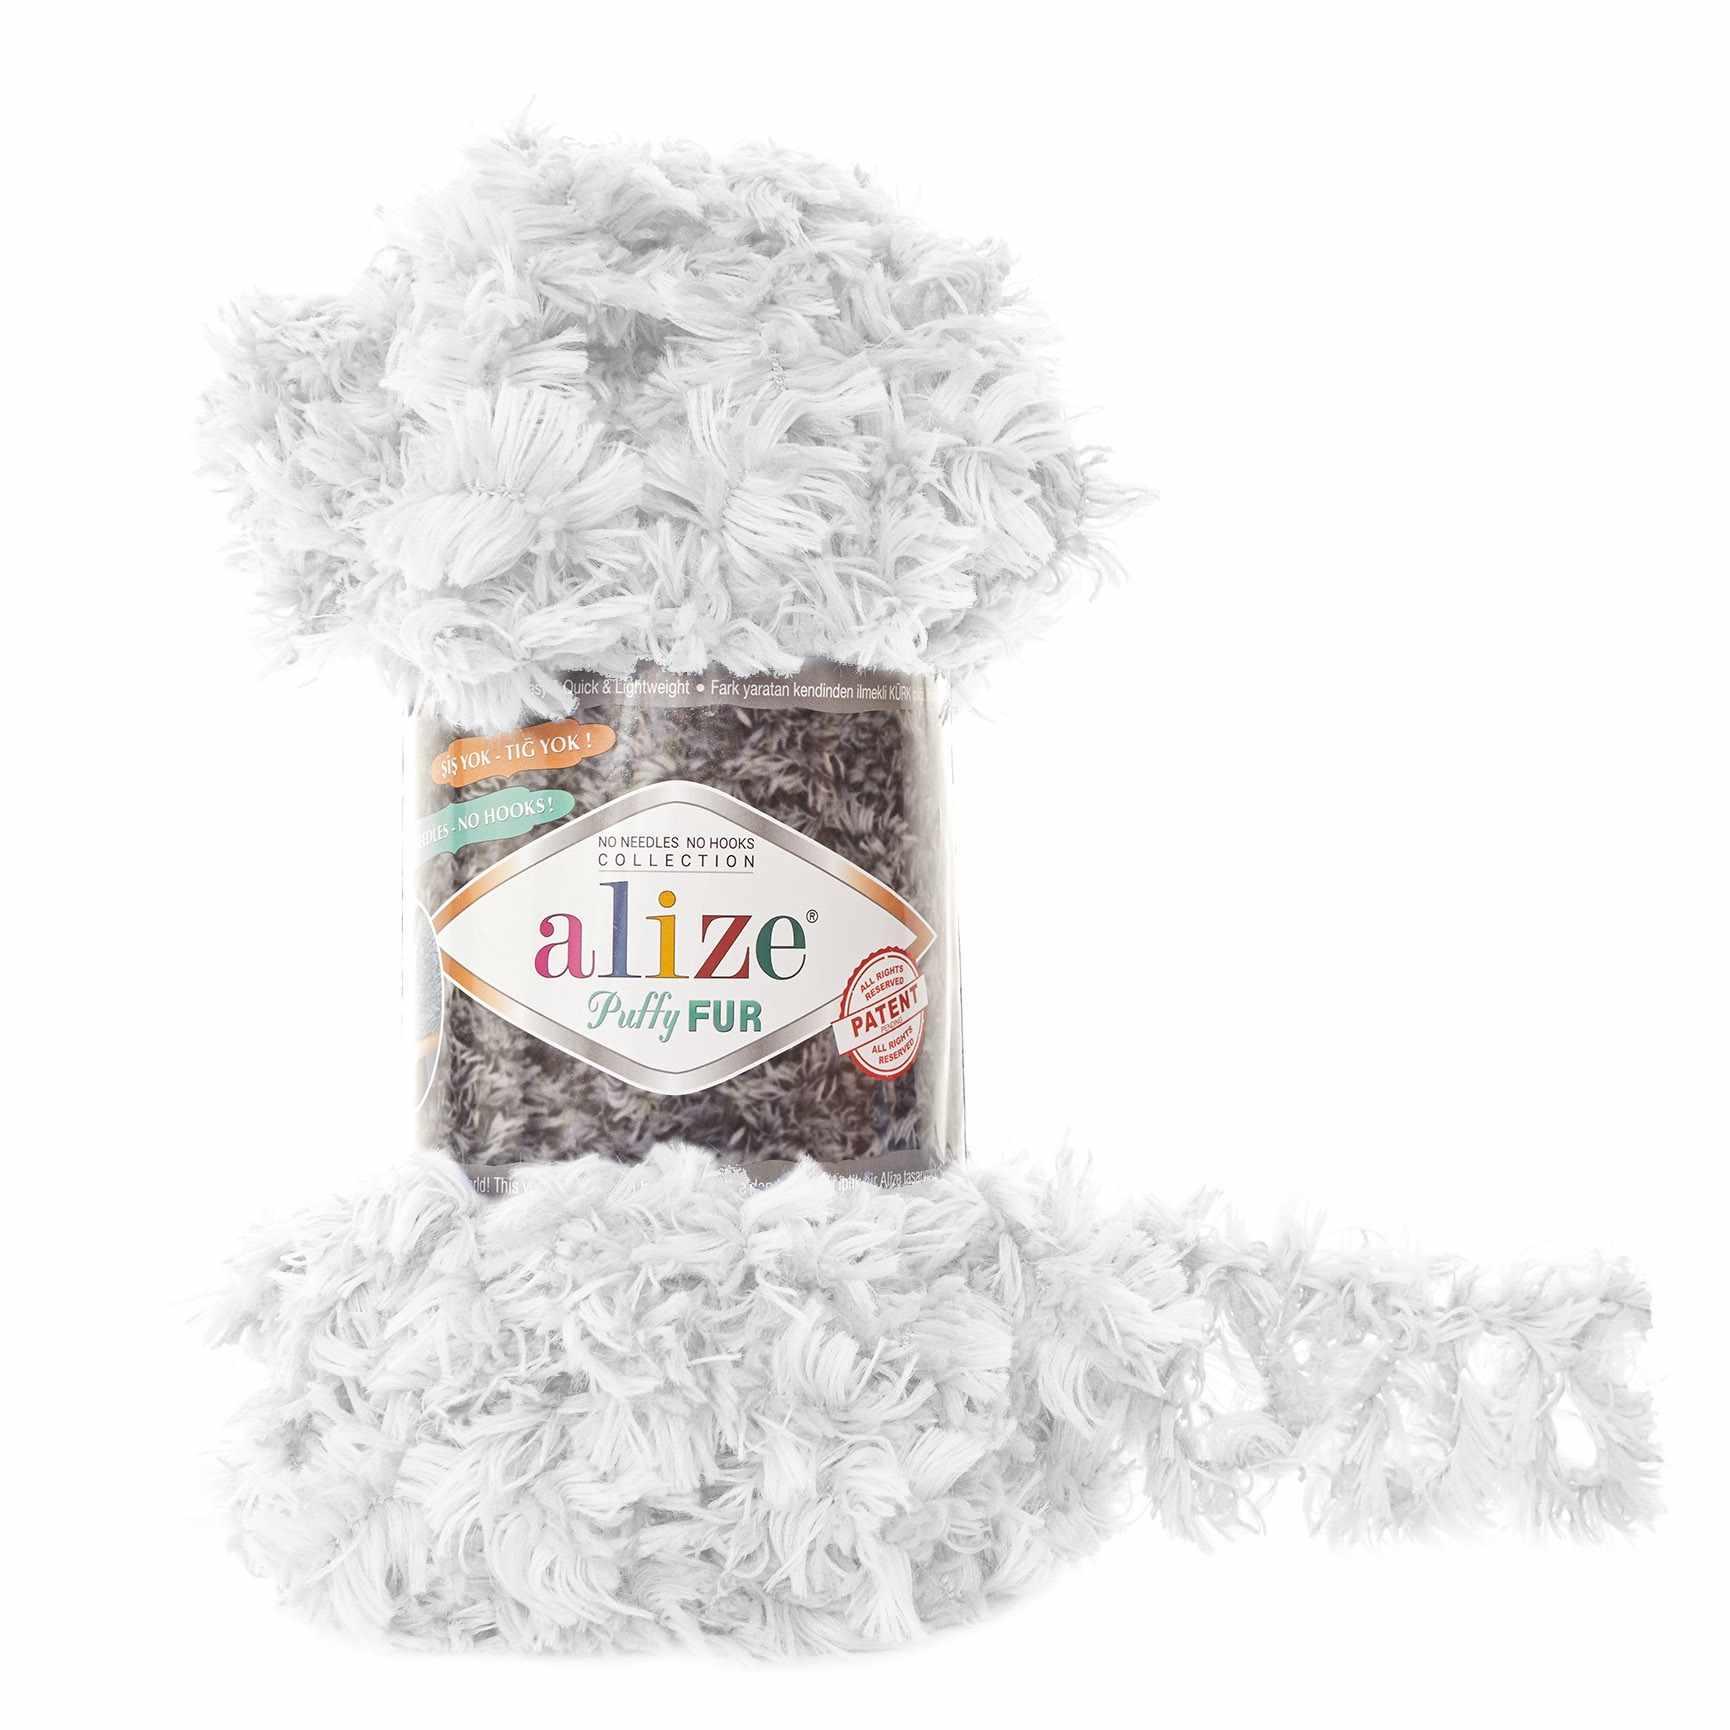 Пряжа Alize Puffy Fur Цвет.6100 Отбелка